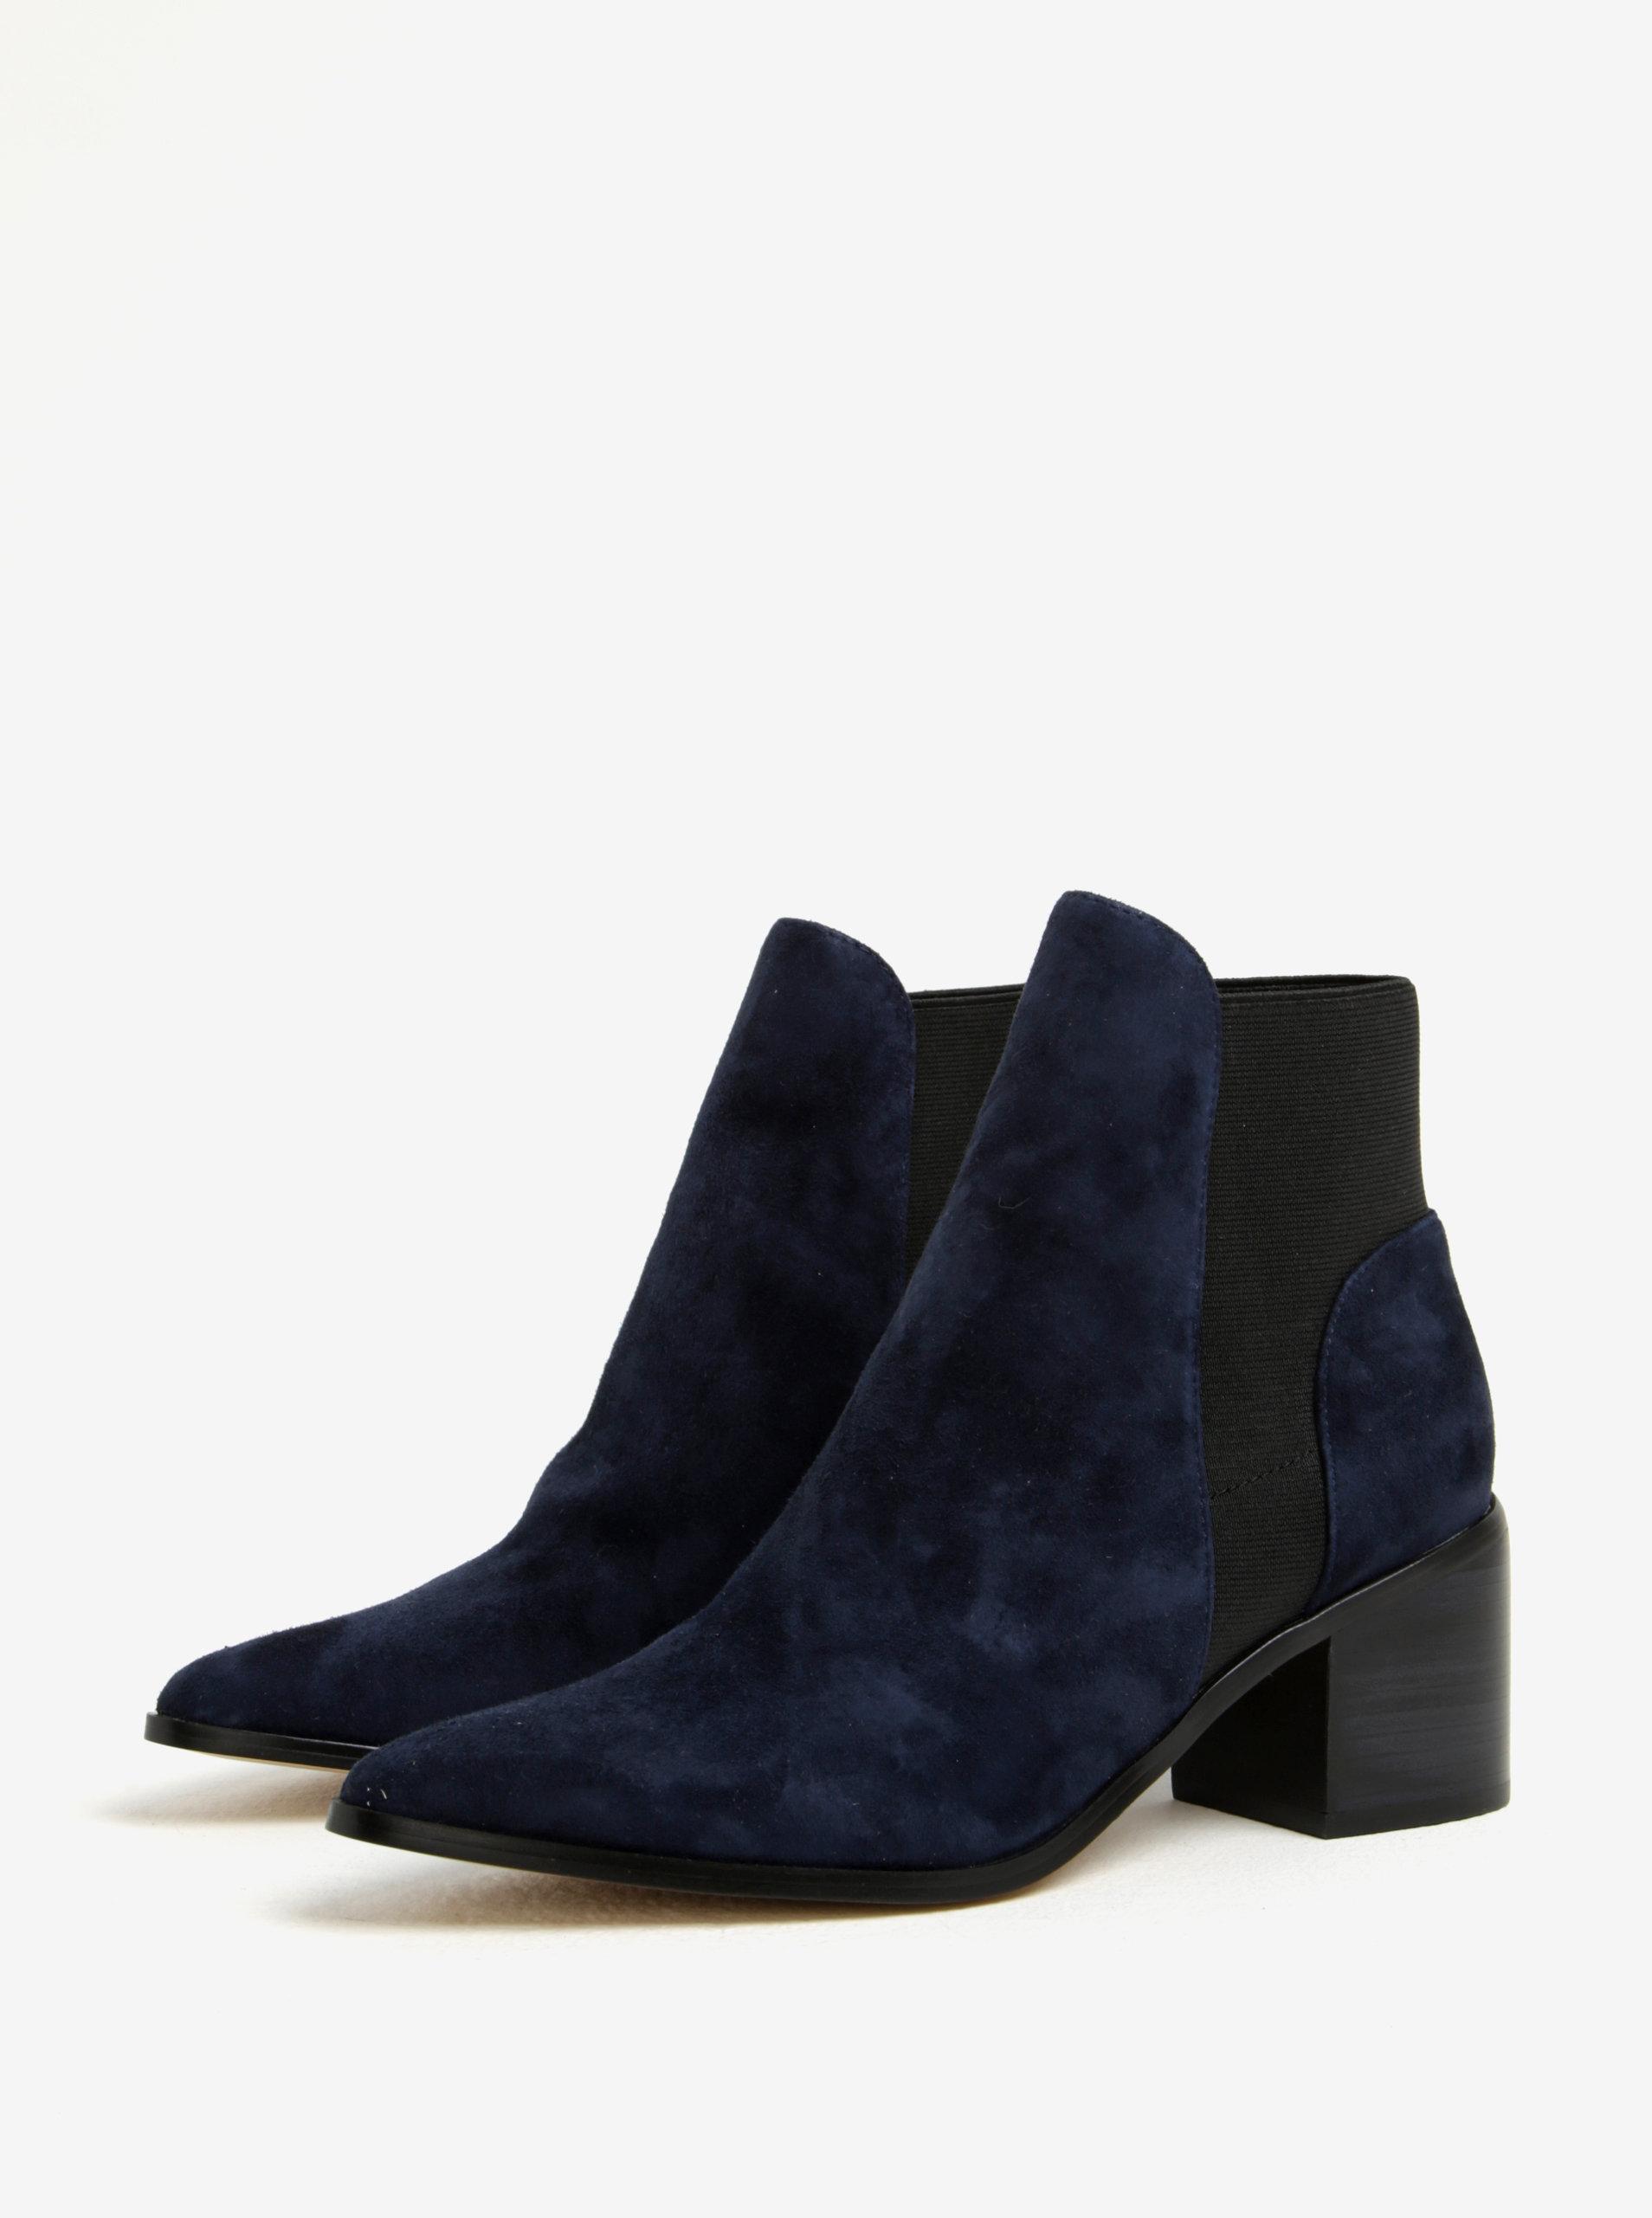 0b3d5abc0a5c Tmavomodré dámske semišové členkové topánky na podpätku ALDO Etiwiel ...